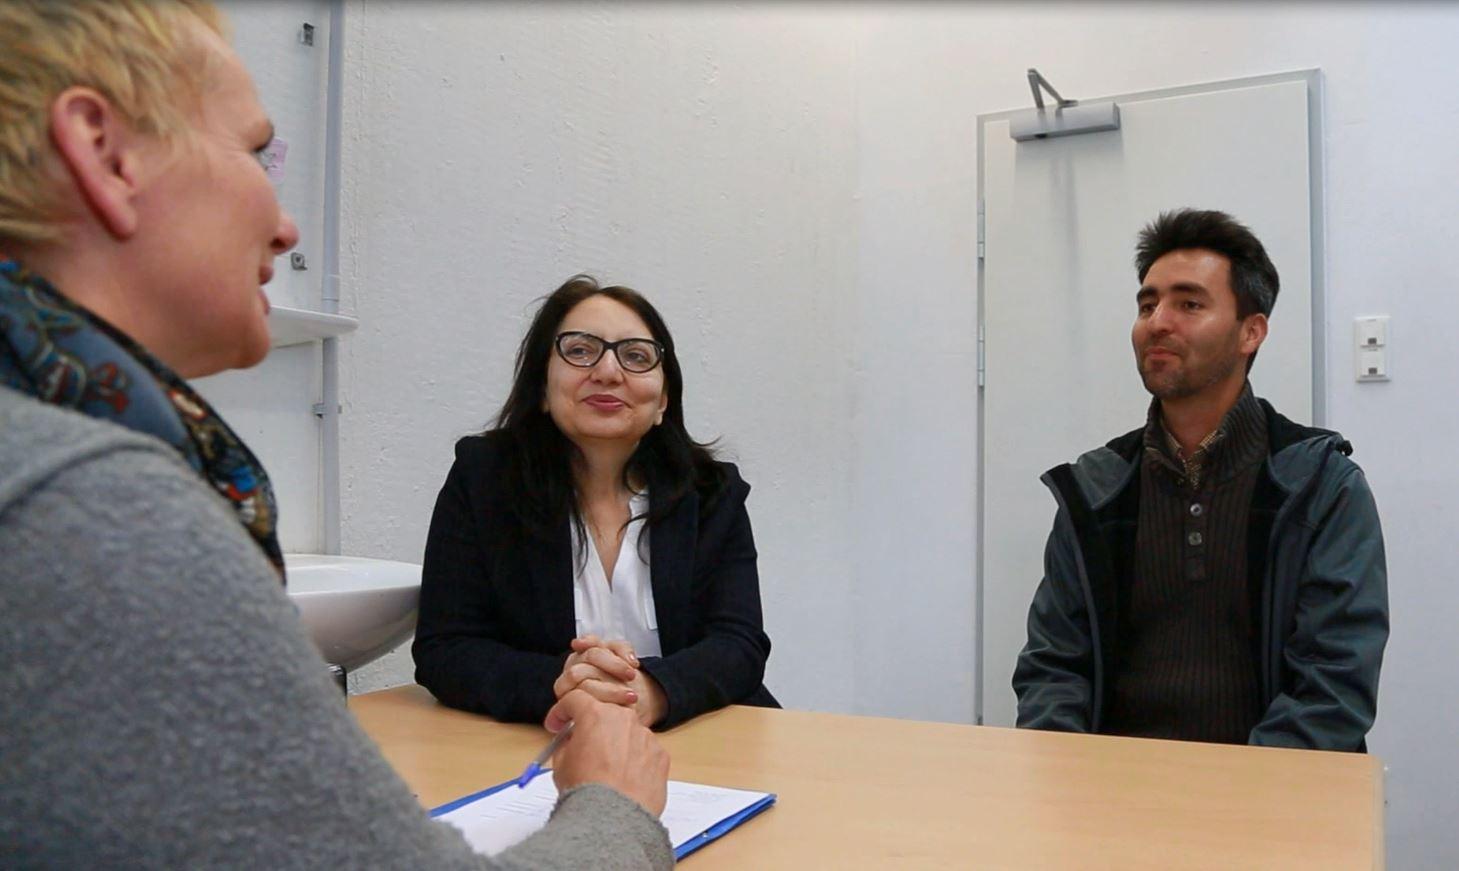 Psychiaterin, Dolmetscherin und Geflüchteter im Gespräch, München. Foto: Mike Yousaf